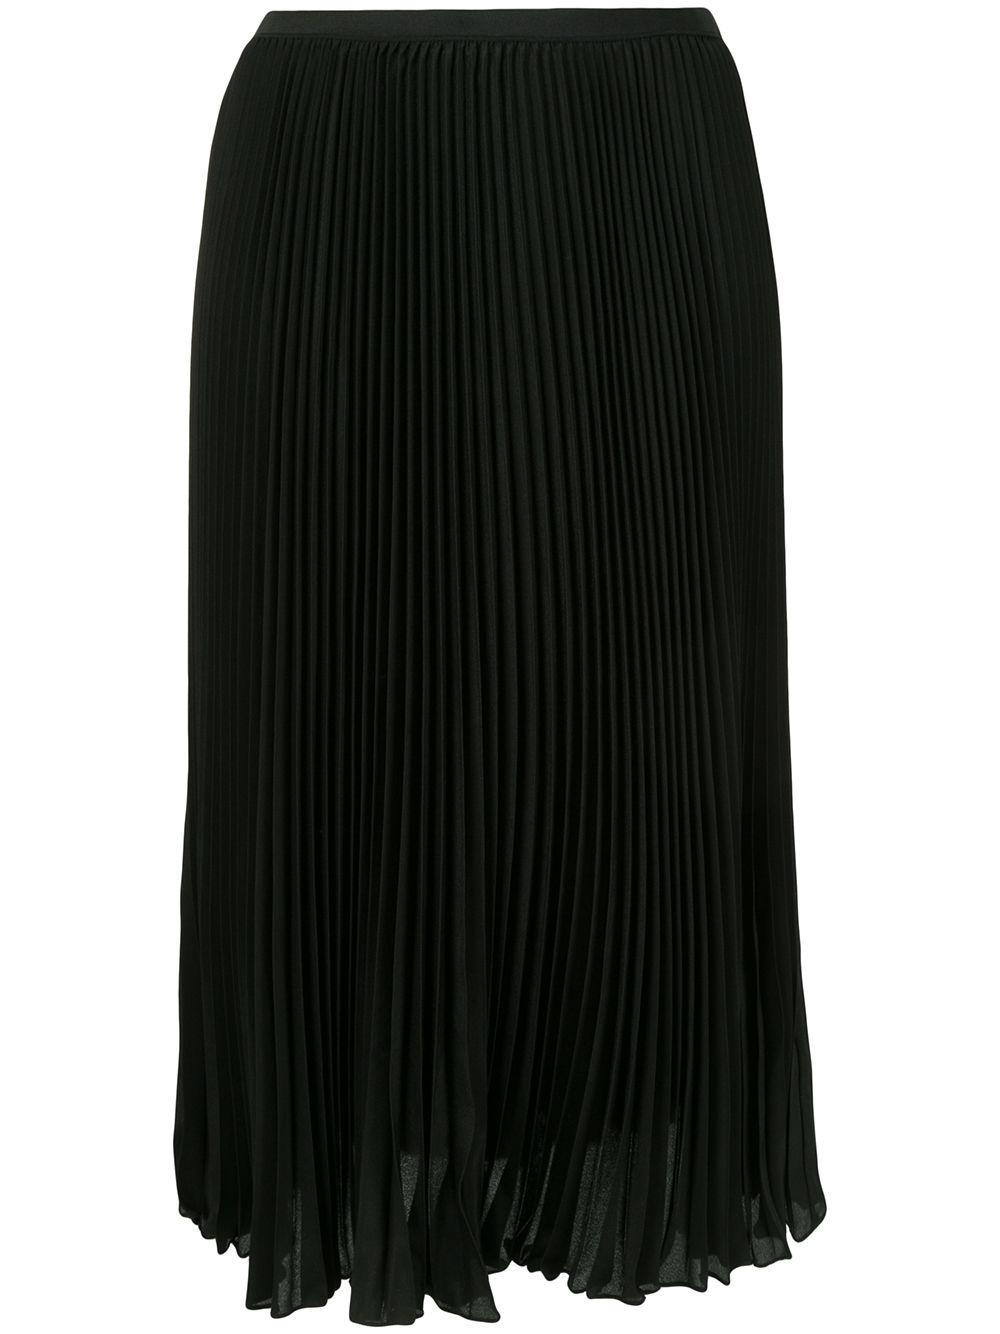 Pleated Skirt Item # 211781249004